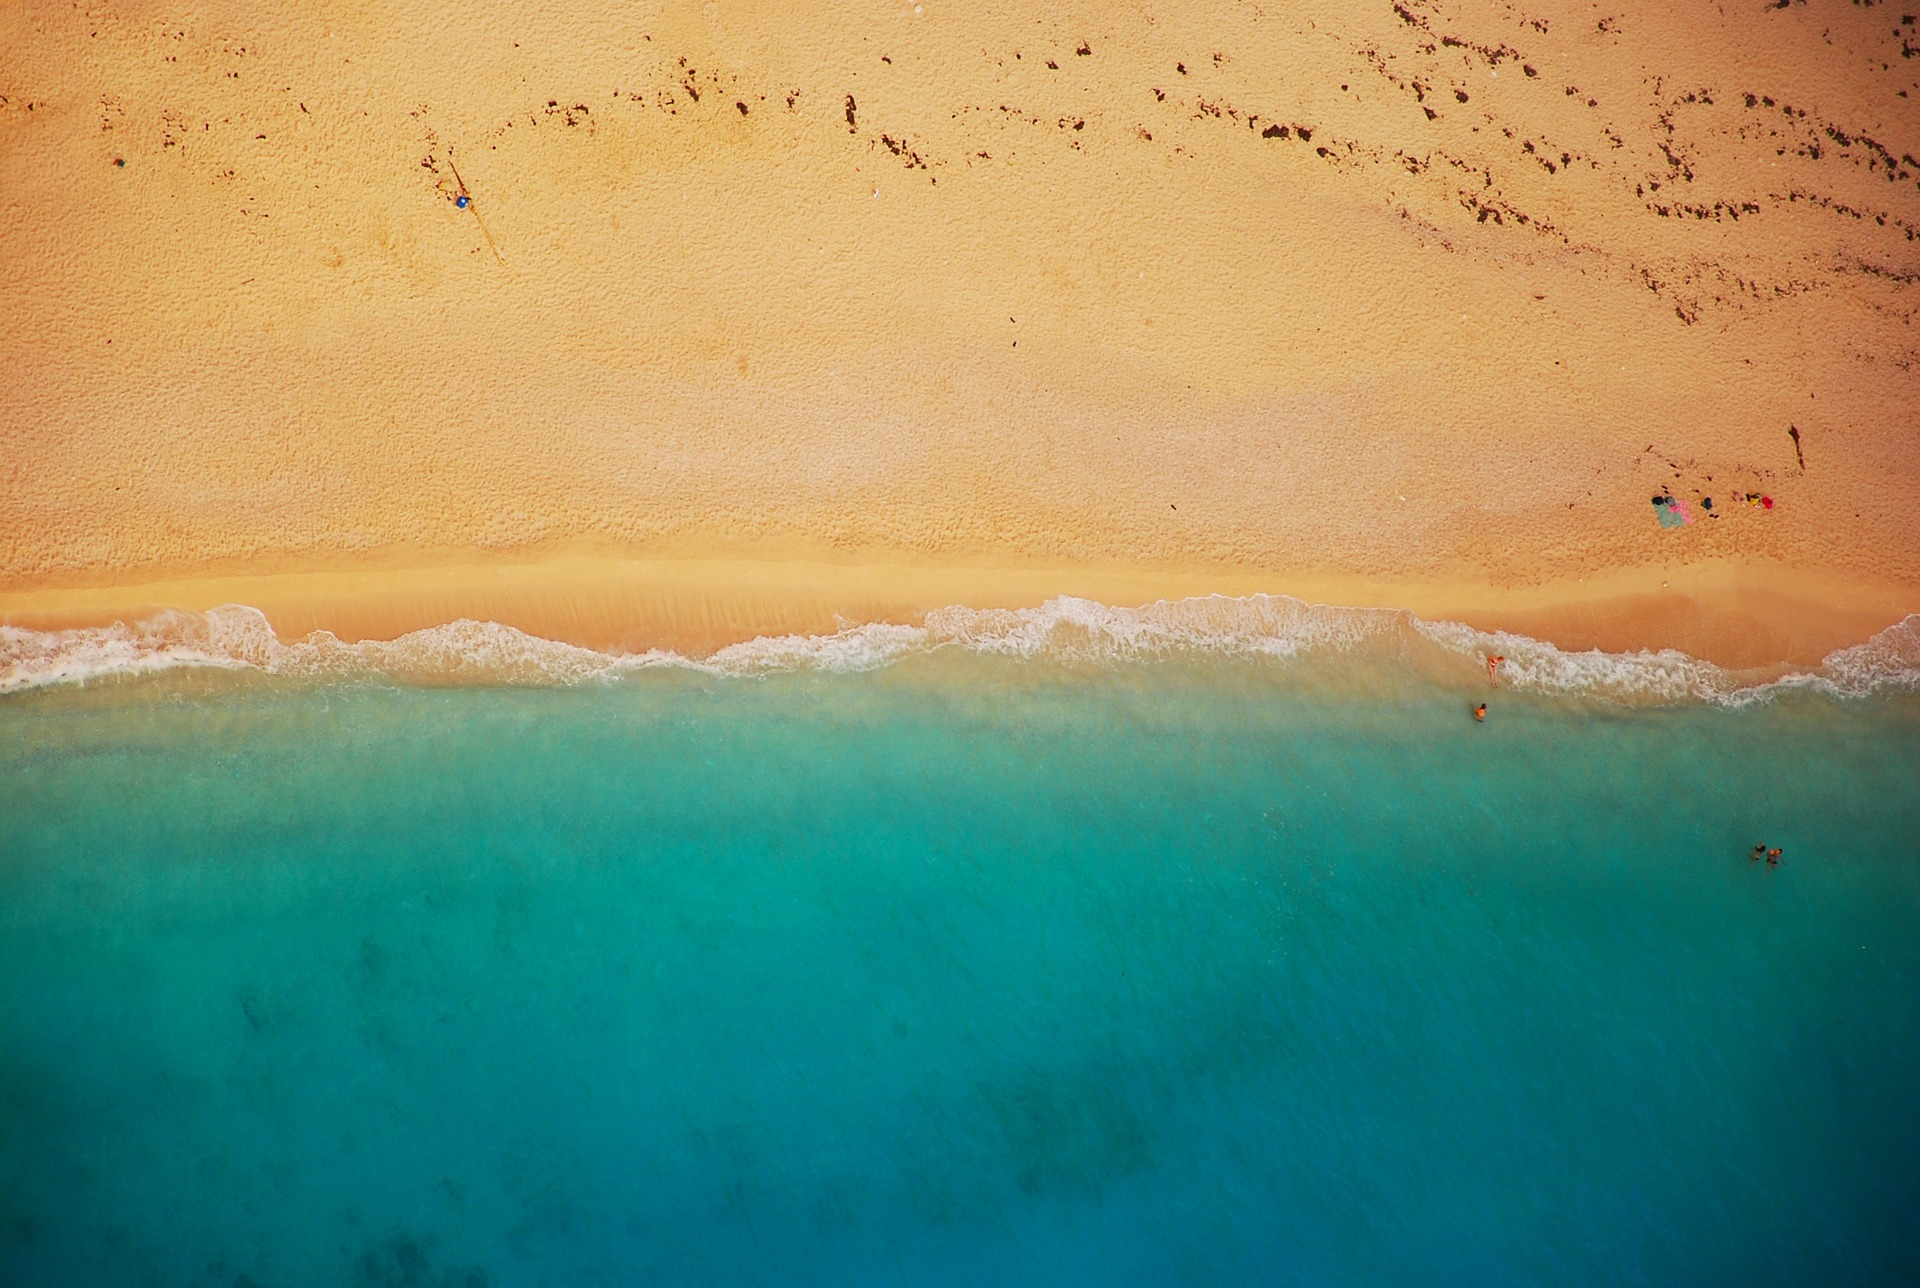 beach-832346_1920